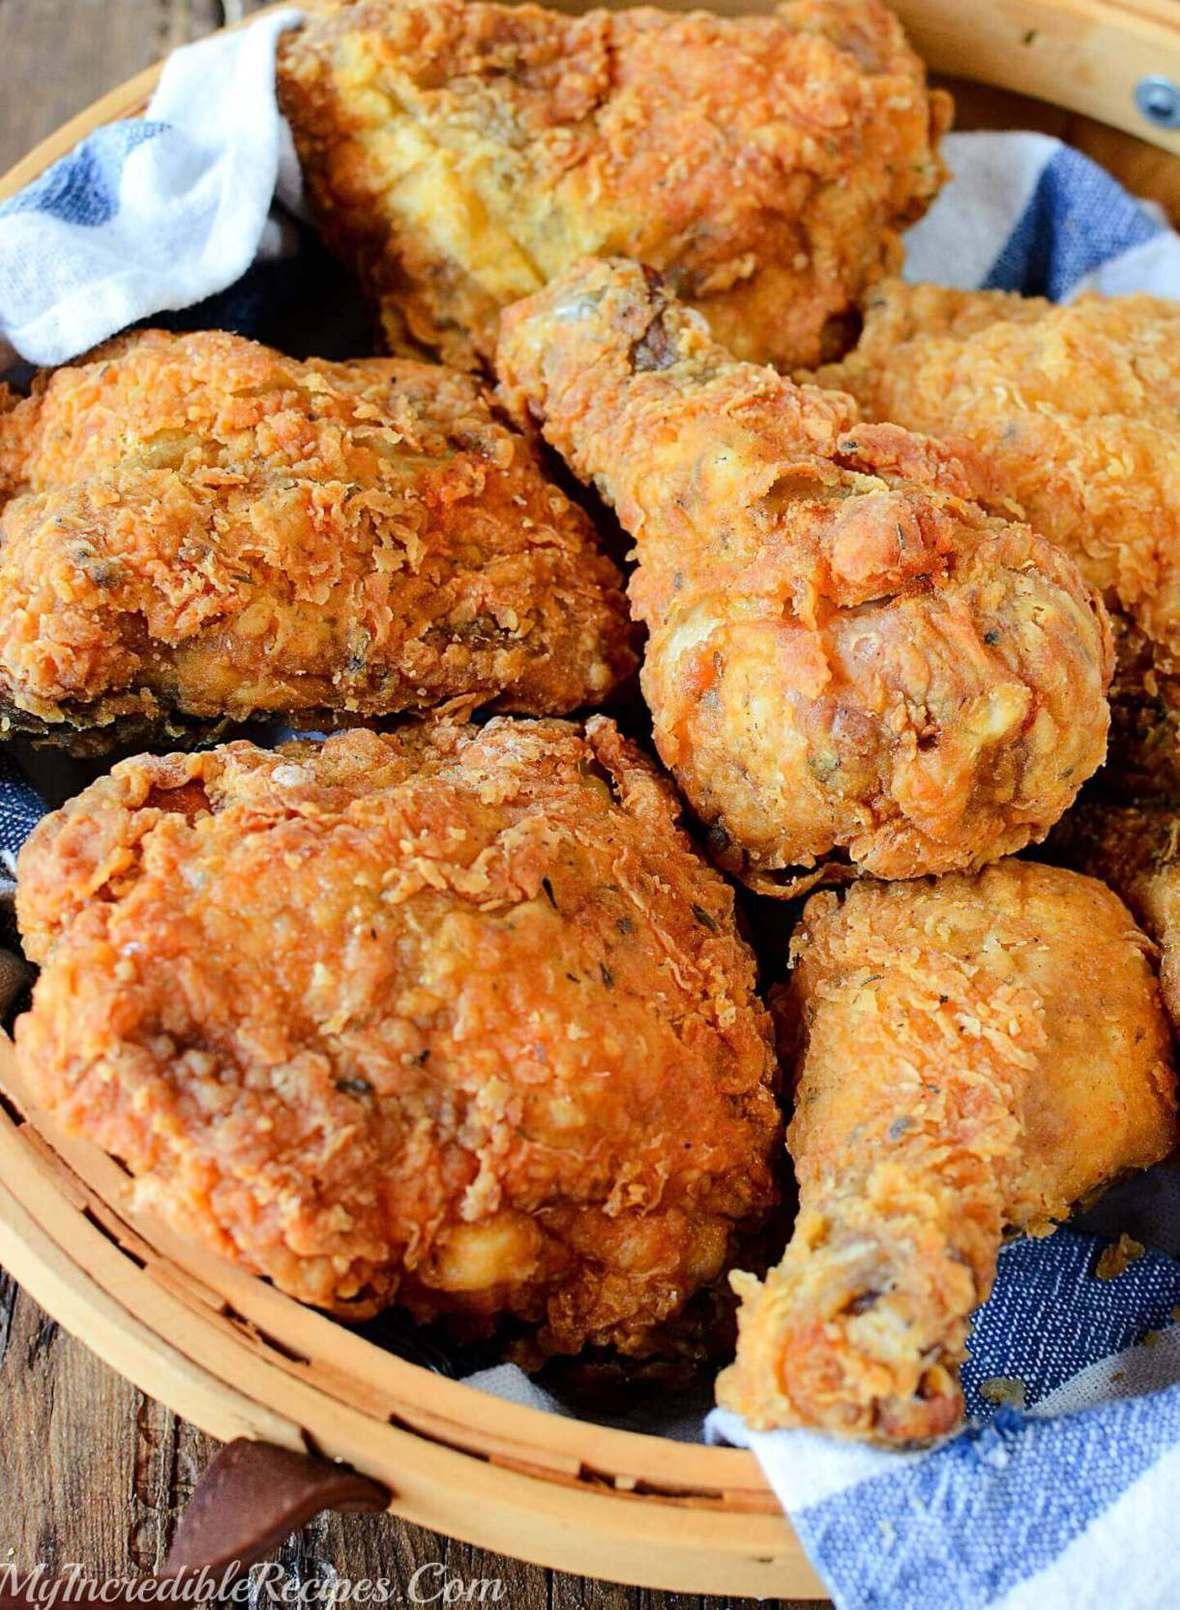 Southern KFC Secret Fried Chicken + 6 Copycat Recipes